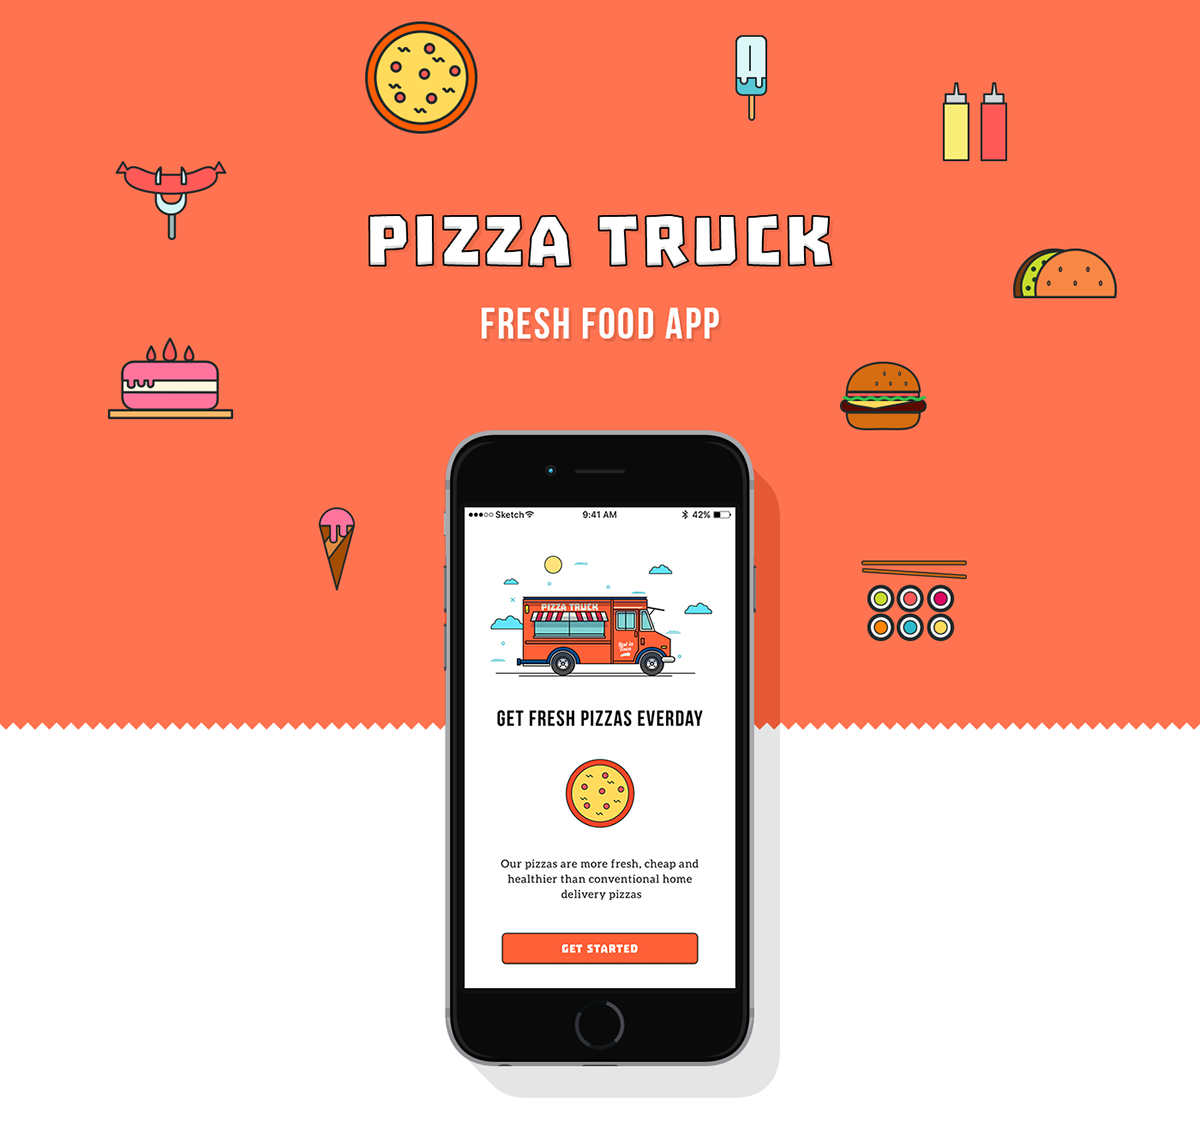 Pizza truck fresh food app on behance for Truck design app